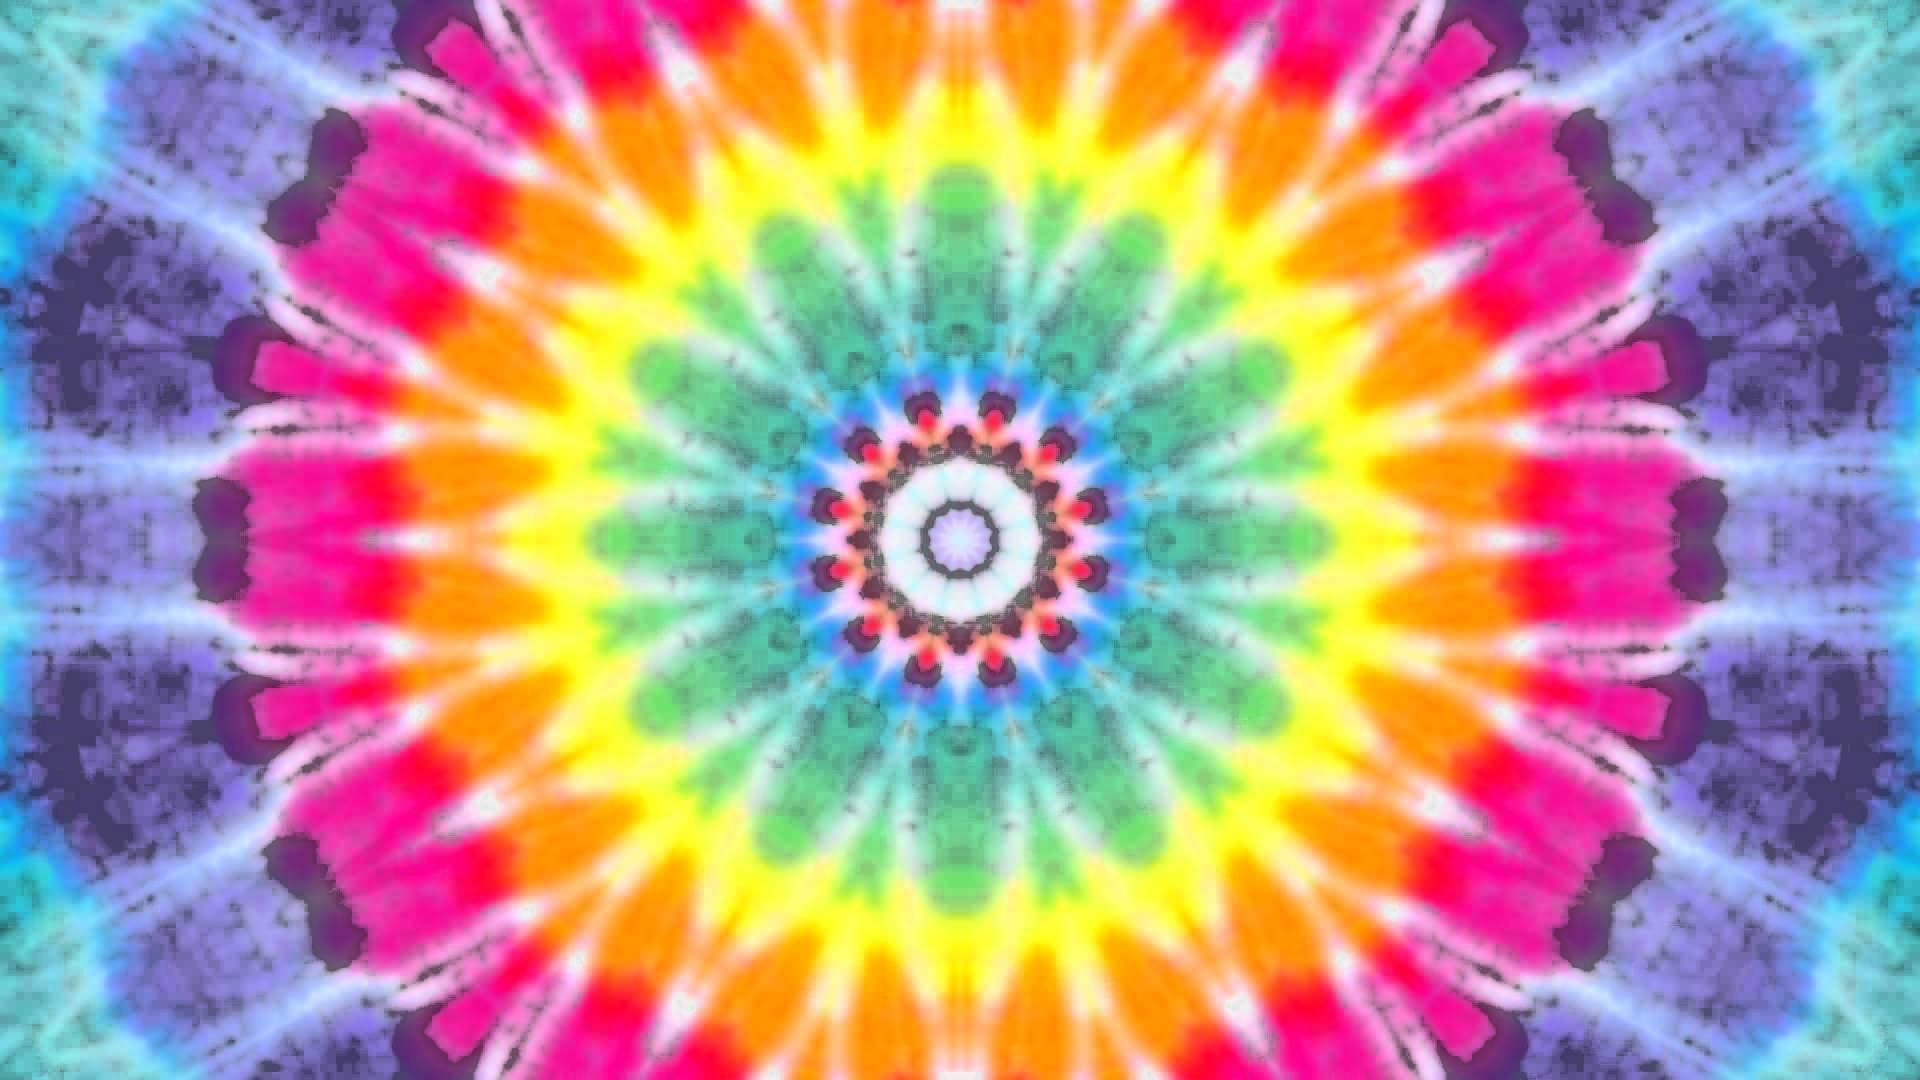 Tie Dye Wallpapers   Top Tie Dye Backgrounds   WallpaperAccess 1920x1080